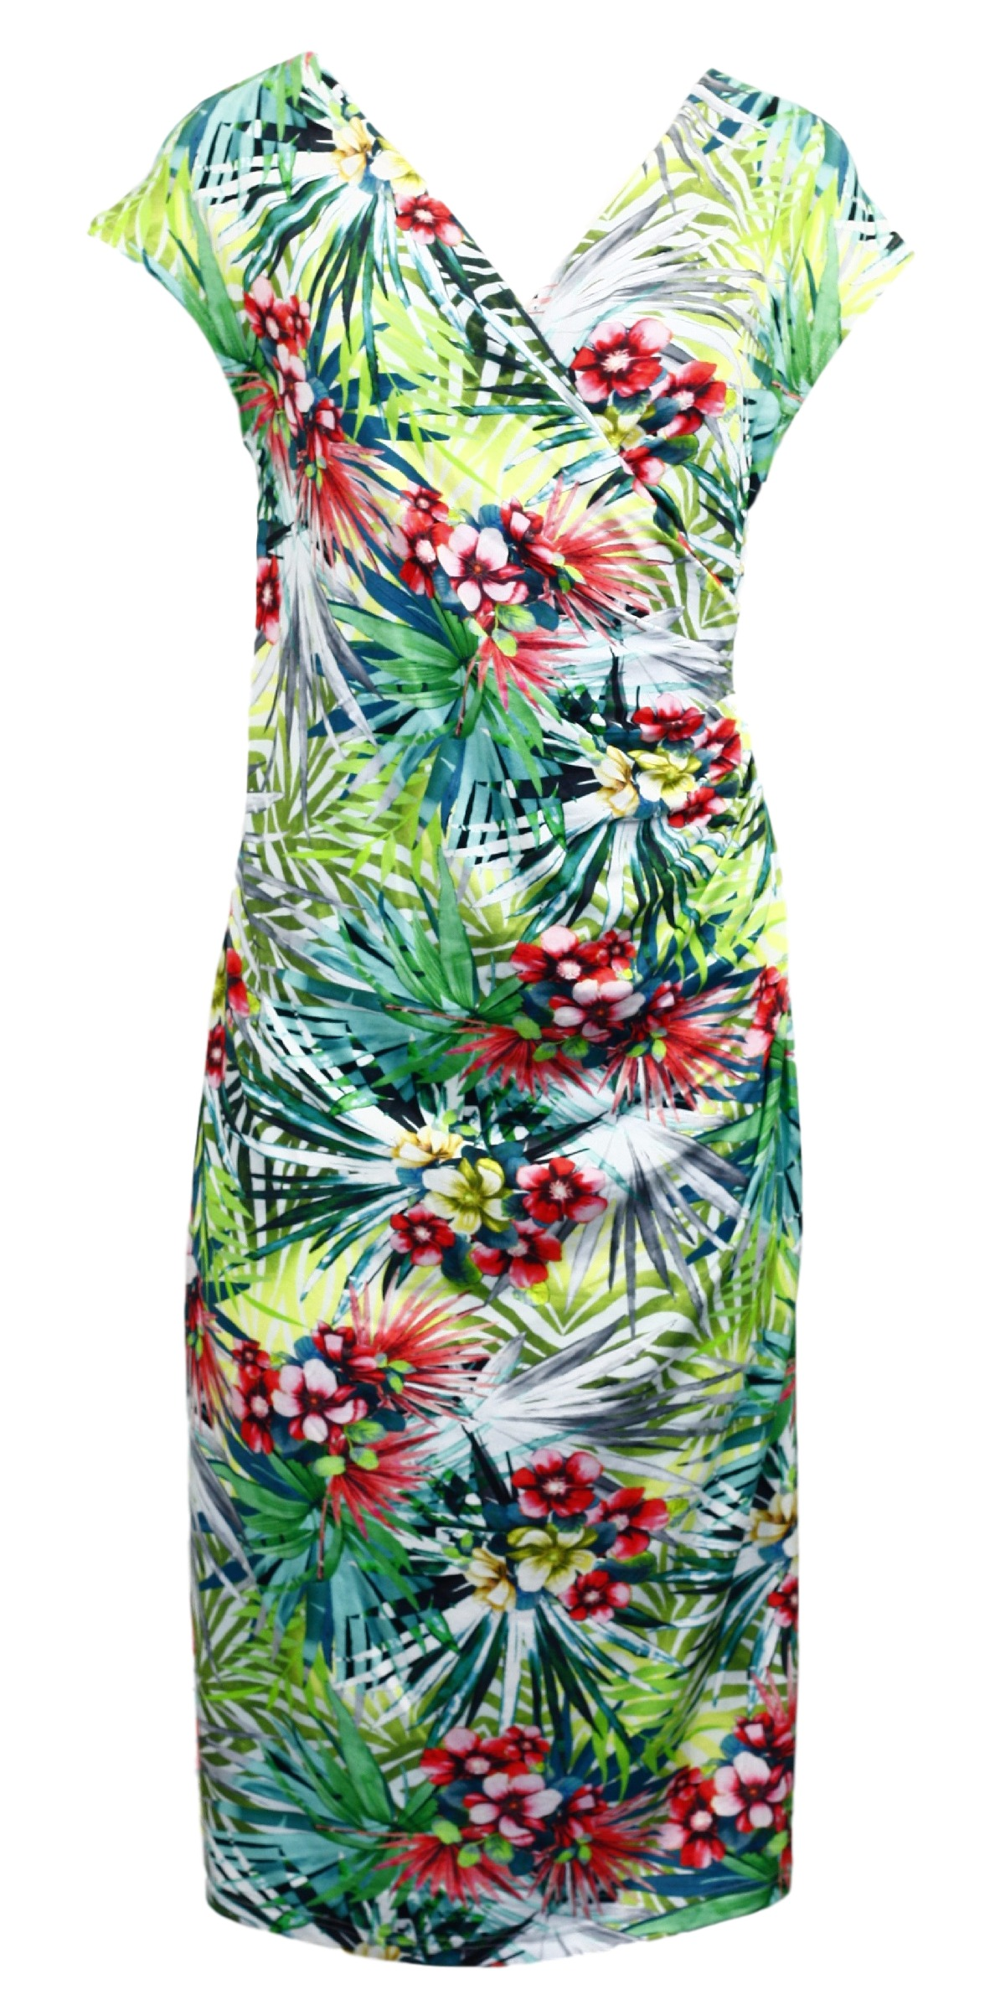 Dámské šaty 6267 - Vamp Barva: květinový vzor, Velikost: XS